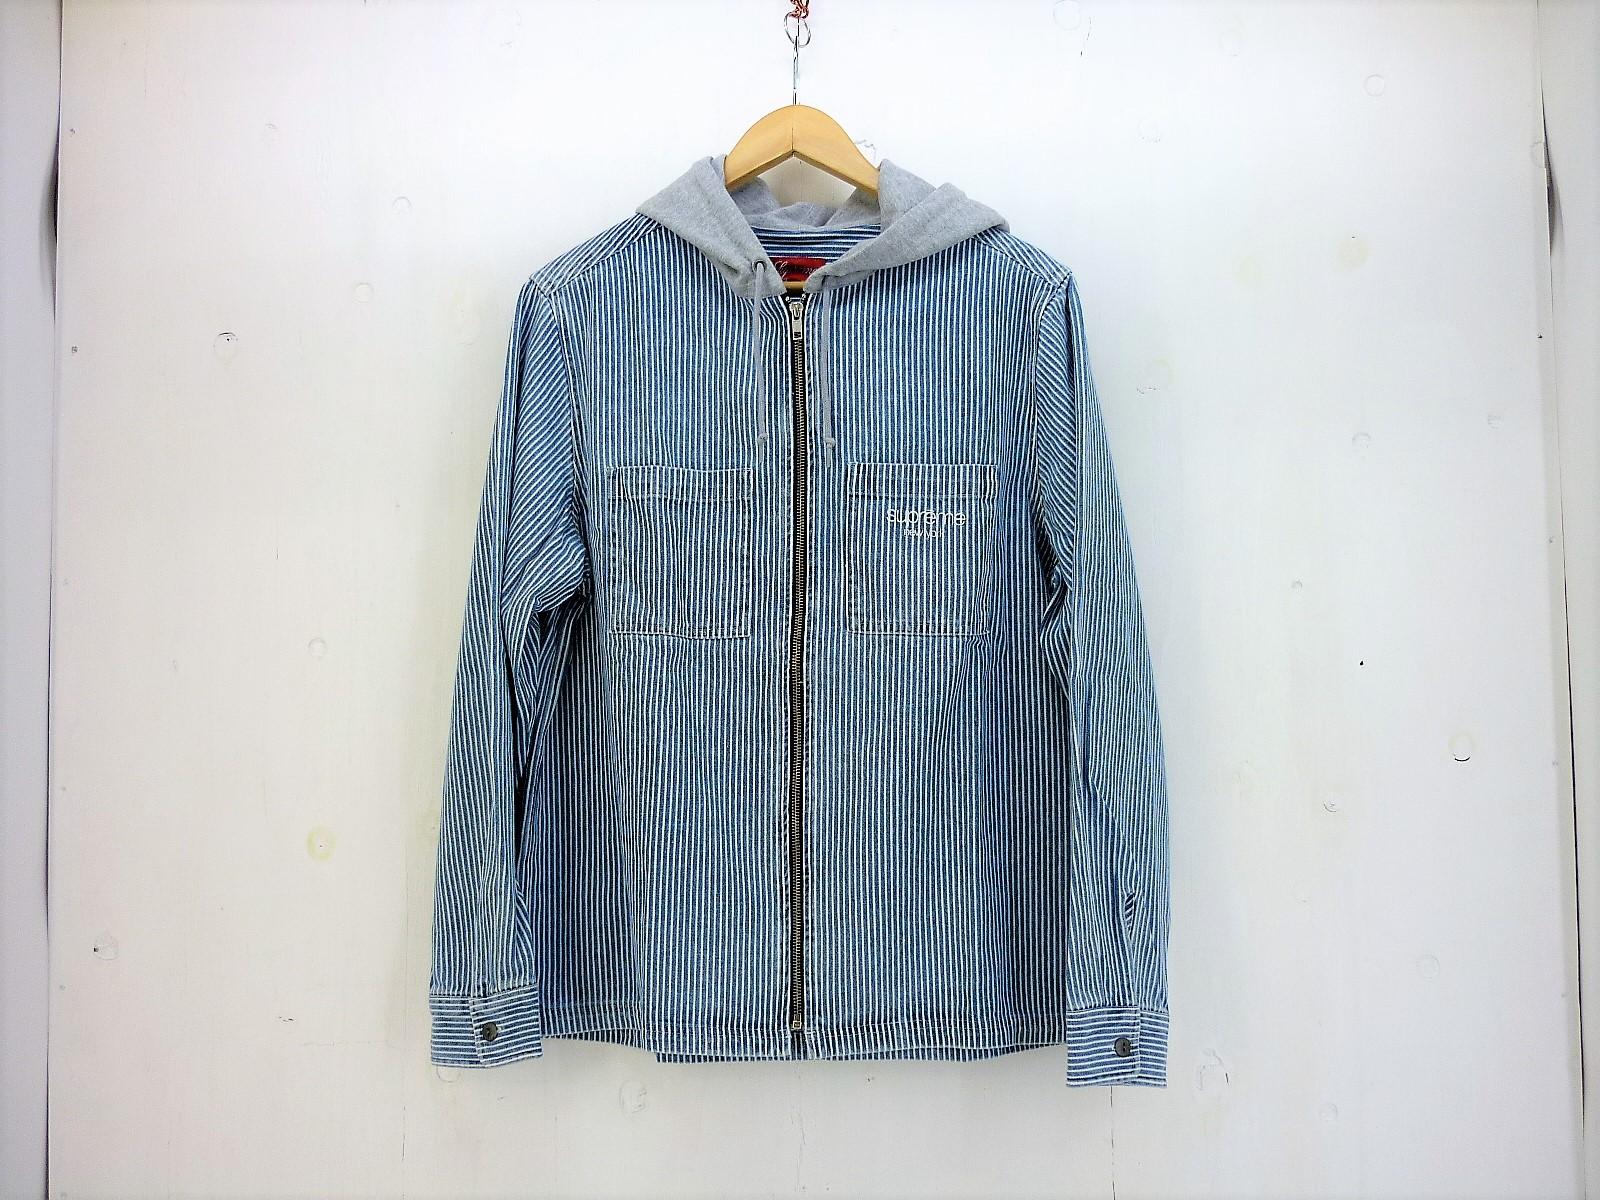 値下げしました Supreme 17AW ストライプフード付きシャツ size:M シュプリーム ヒッコリー